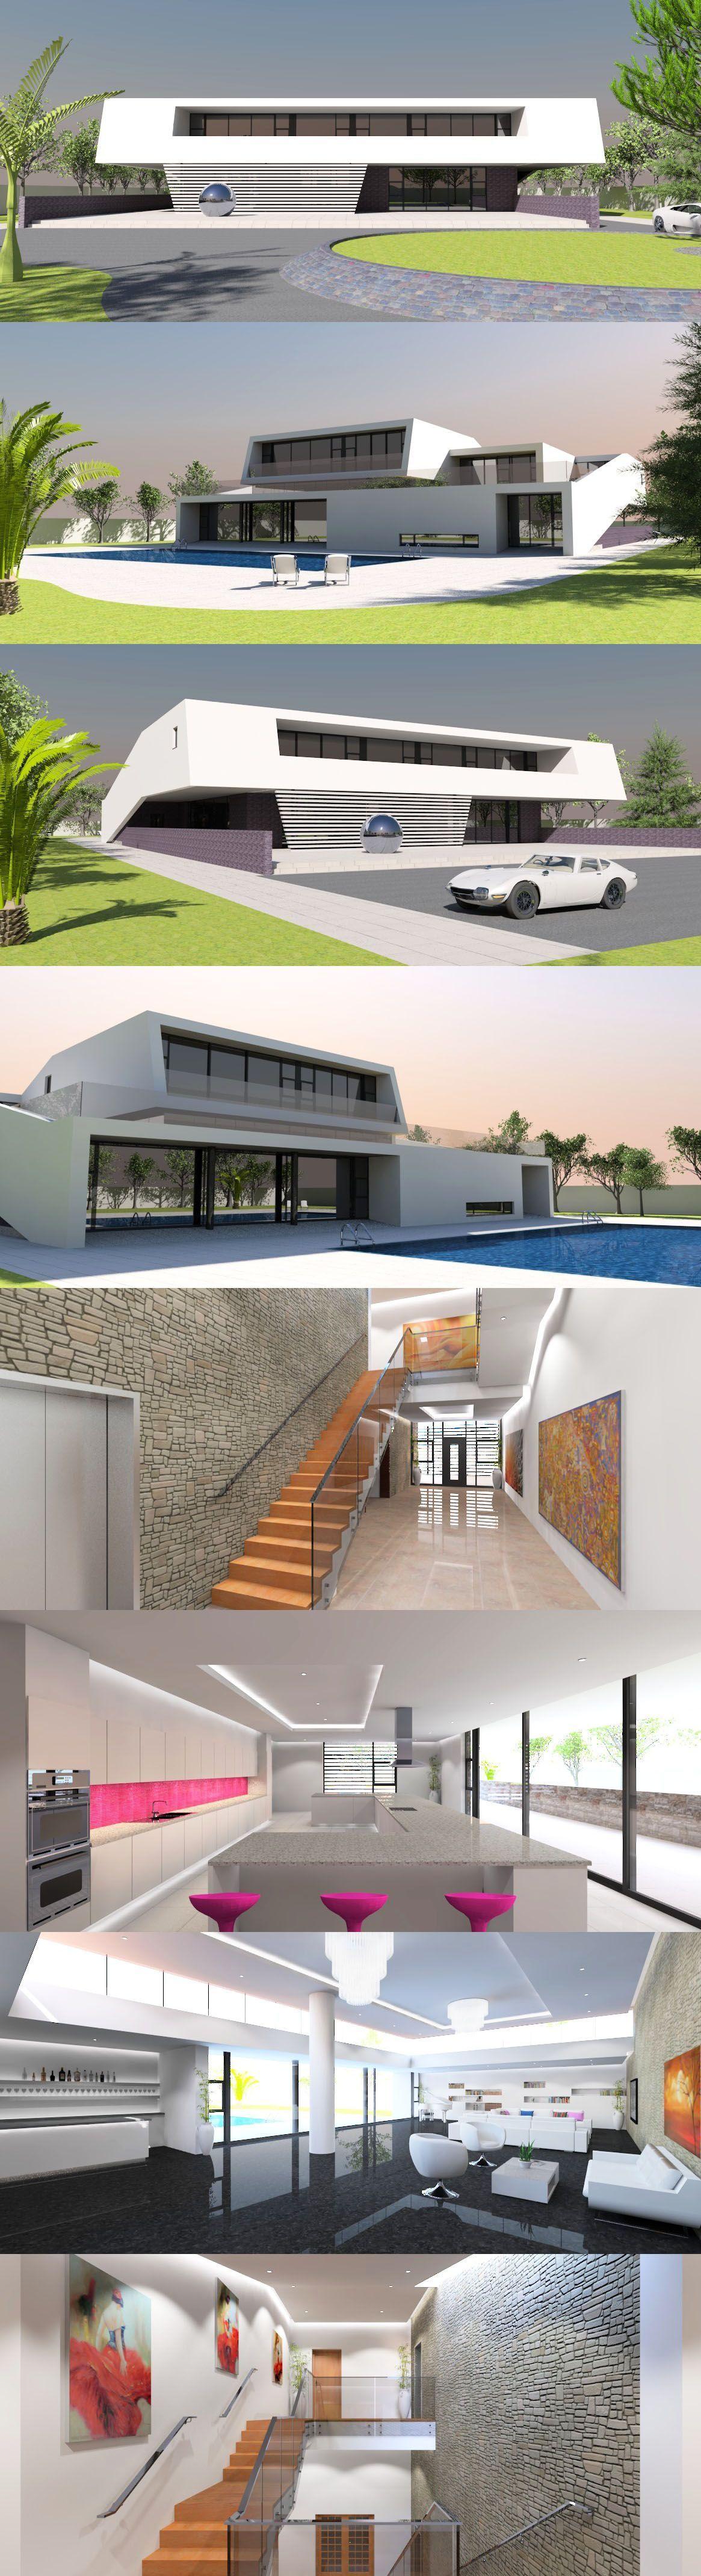 Photo of Atemberaubendes Luxushaus mit 6 Betten / Bädern im modernistischen Stil. Dieses Haus verfügt über eine …